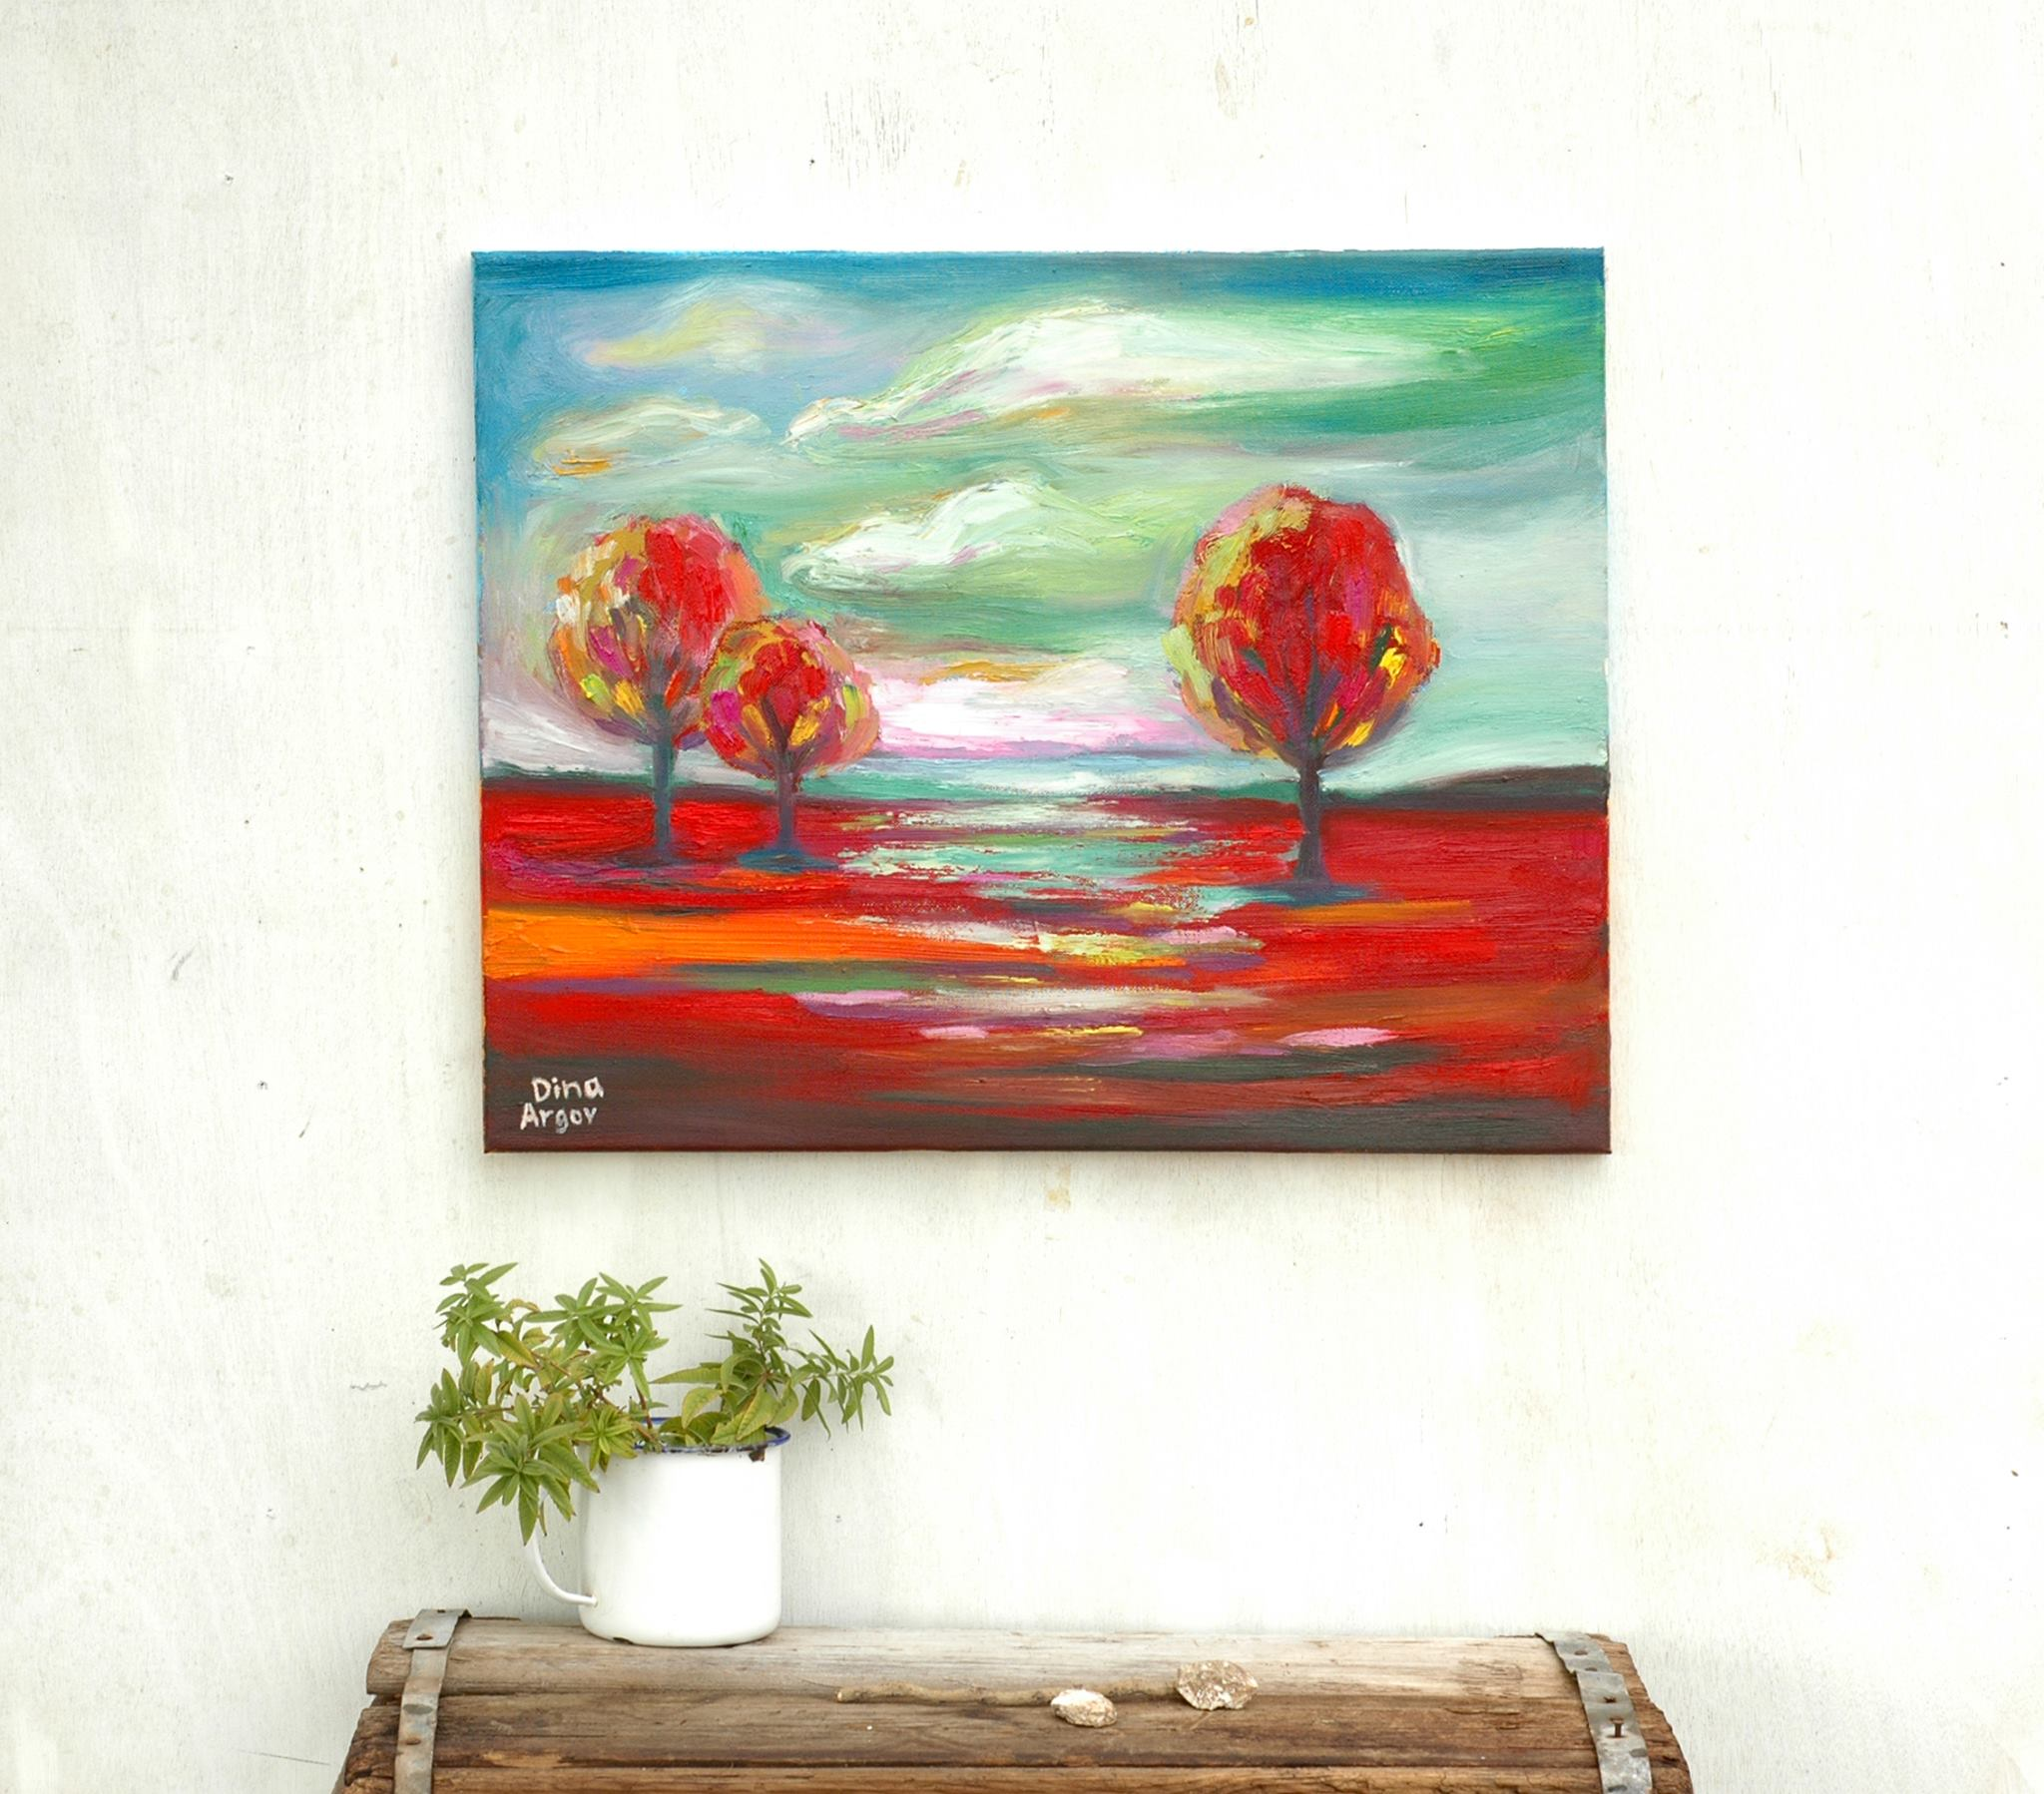 נוף עם עצים אדומים 40_45 ס_מ